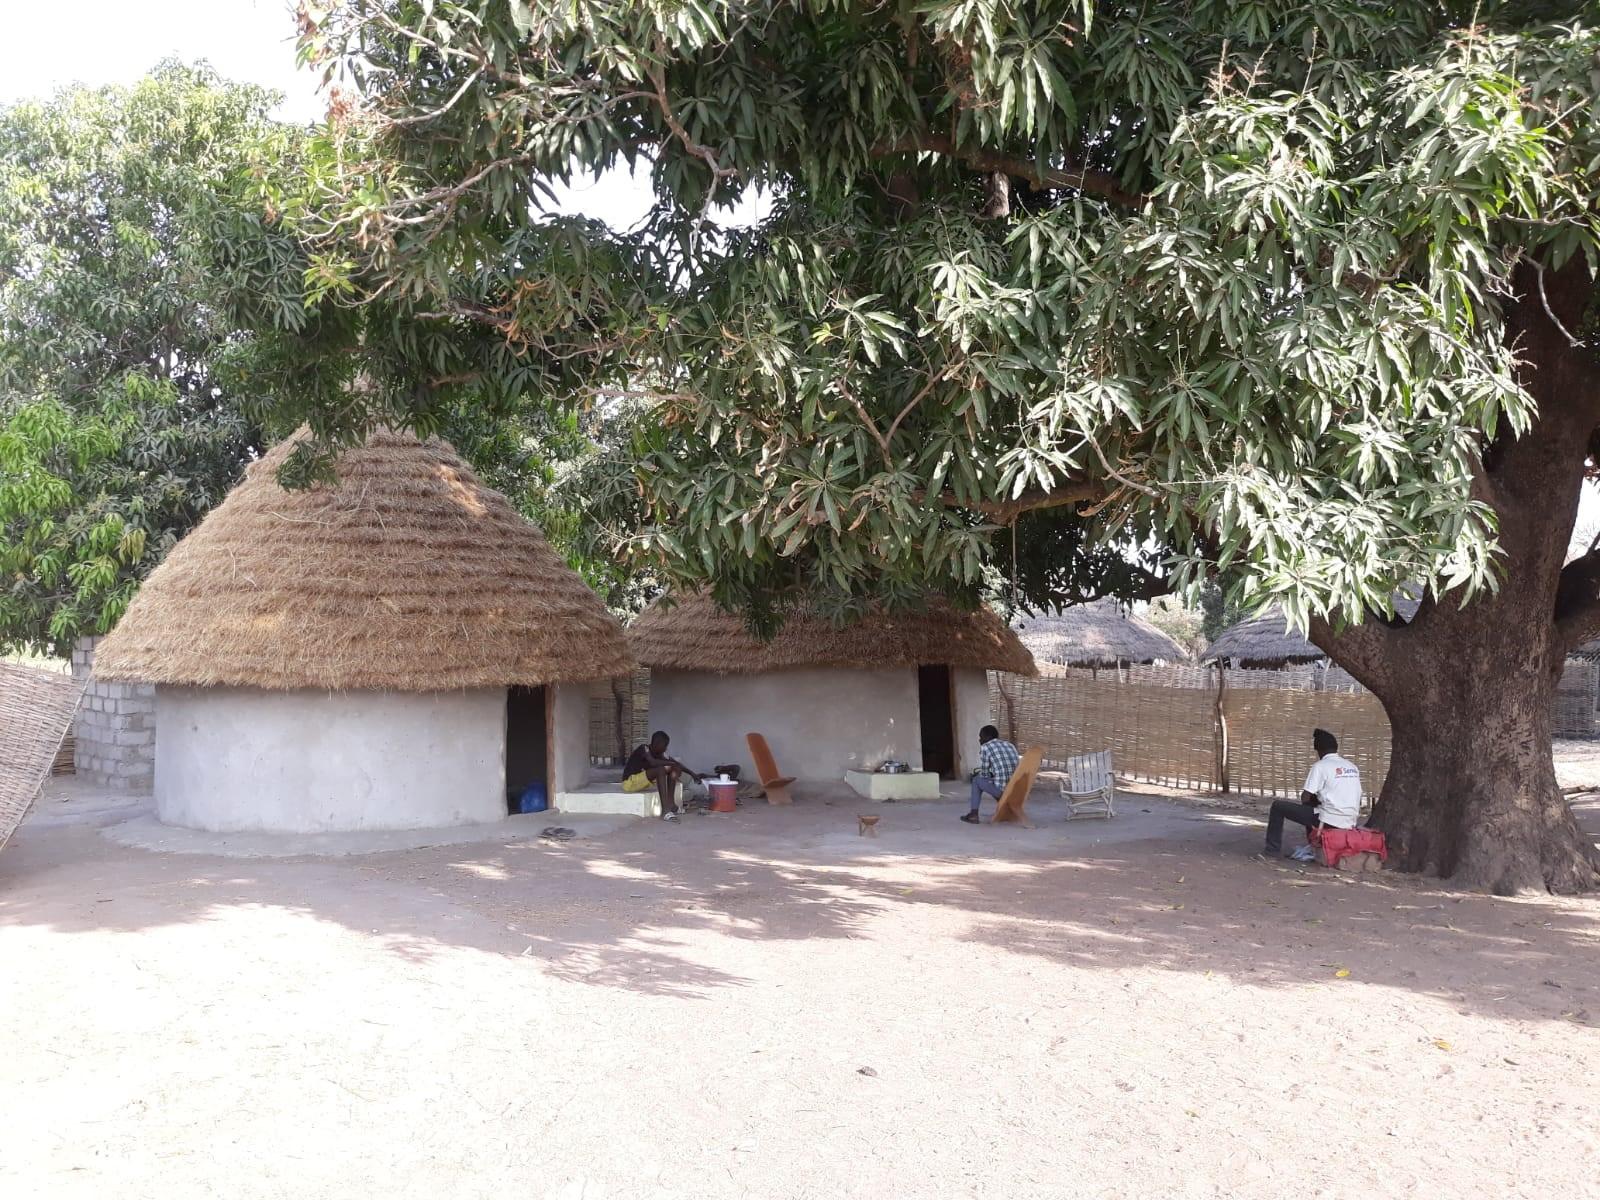 Hütten der Mitarbeiter des Projekt Tabassayes